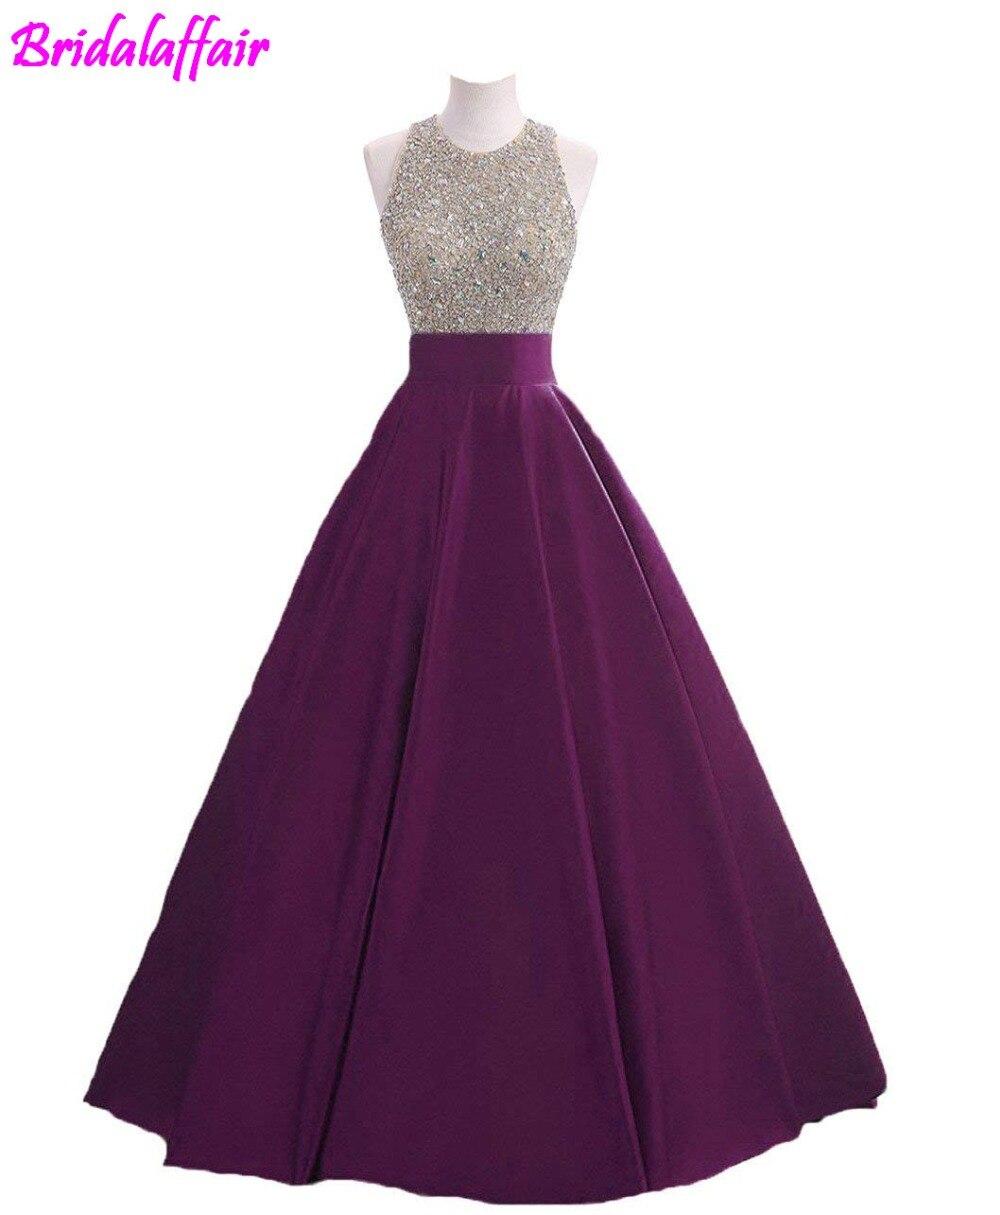 Paillettes pour femmes Keyhole retour robe de bal perlée bal robes formelles longue robe de bal robe formelle robe de soirée 2018 robe - 5